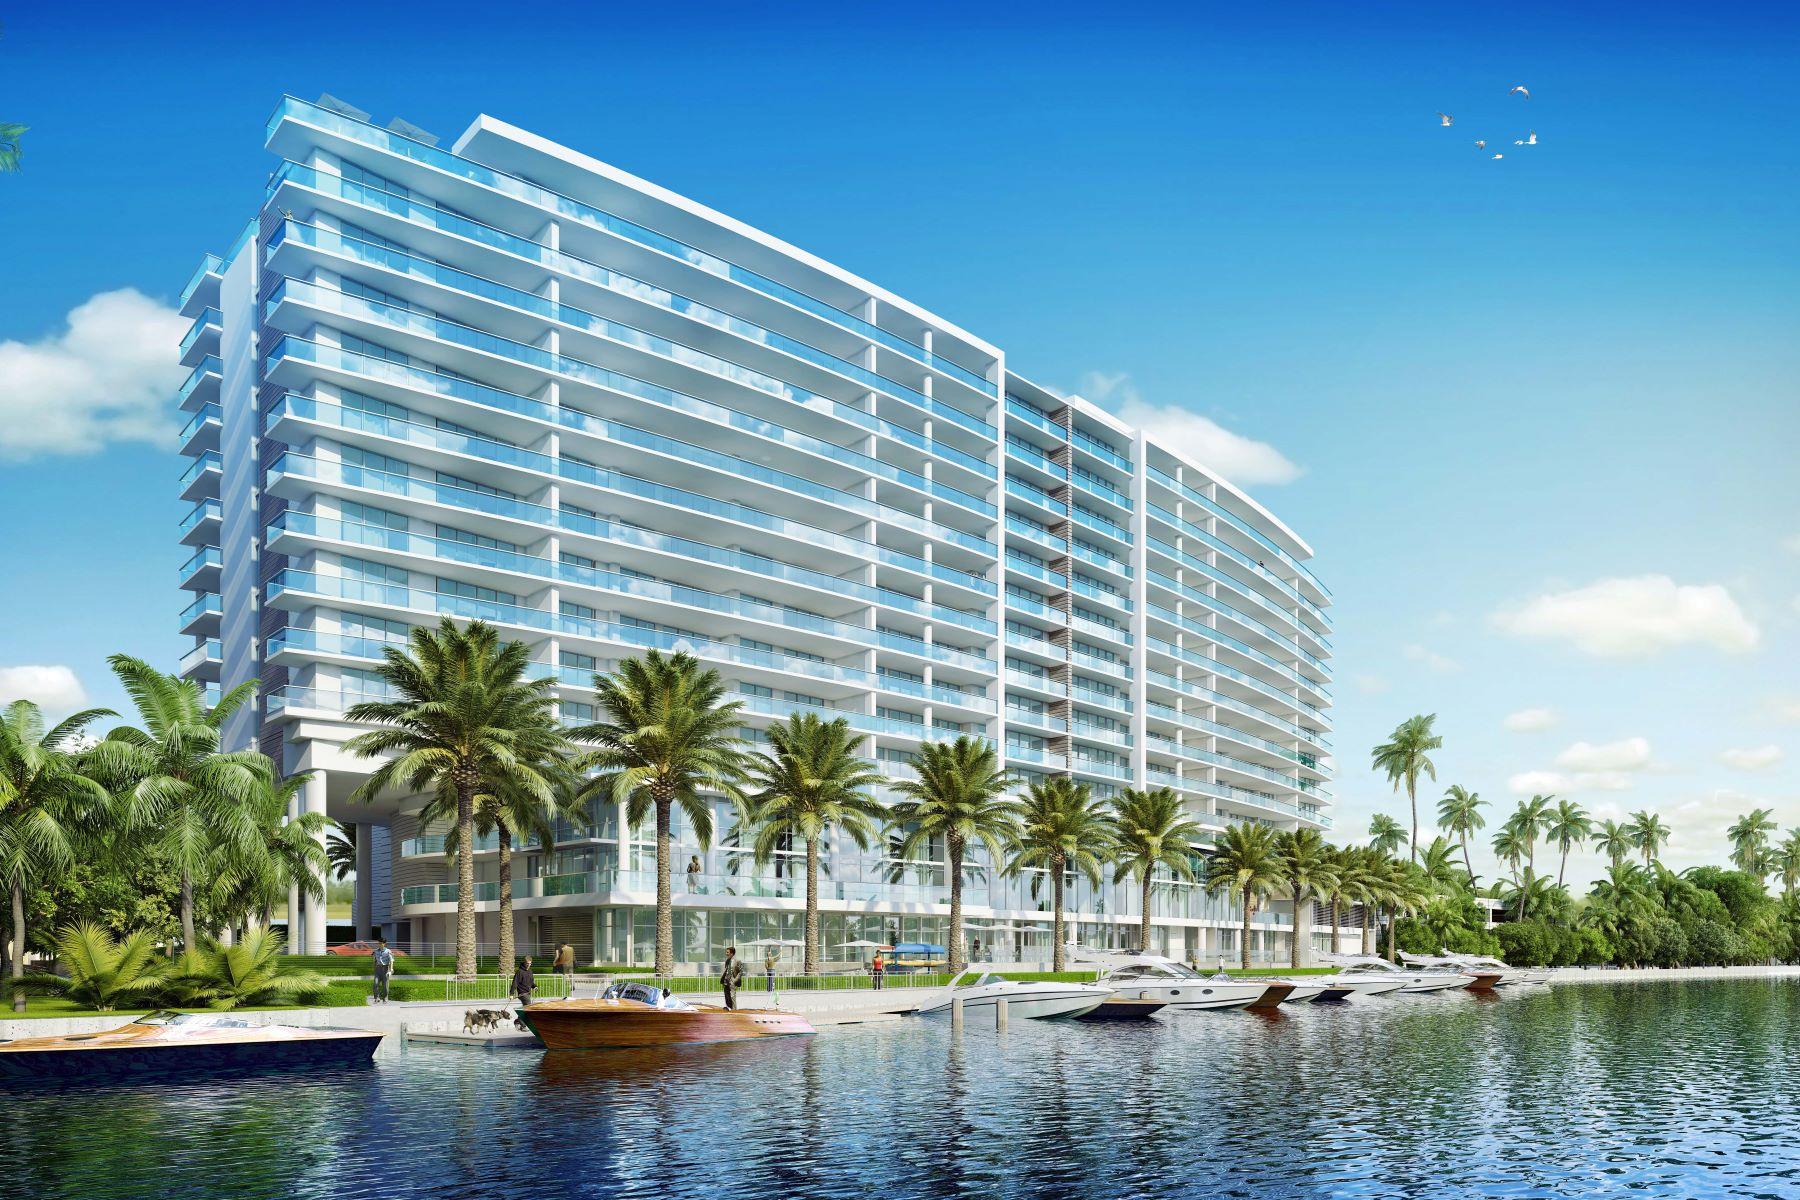 Appartement pour l Vente à 1180 N Federal Hy #607 1180 N Federal Hy 607 Fort Lauderdale, Florida, 33304 États-Unis